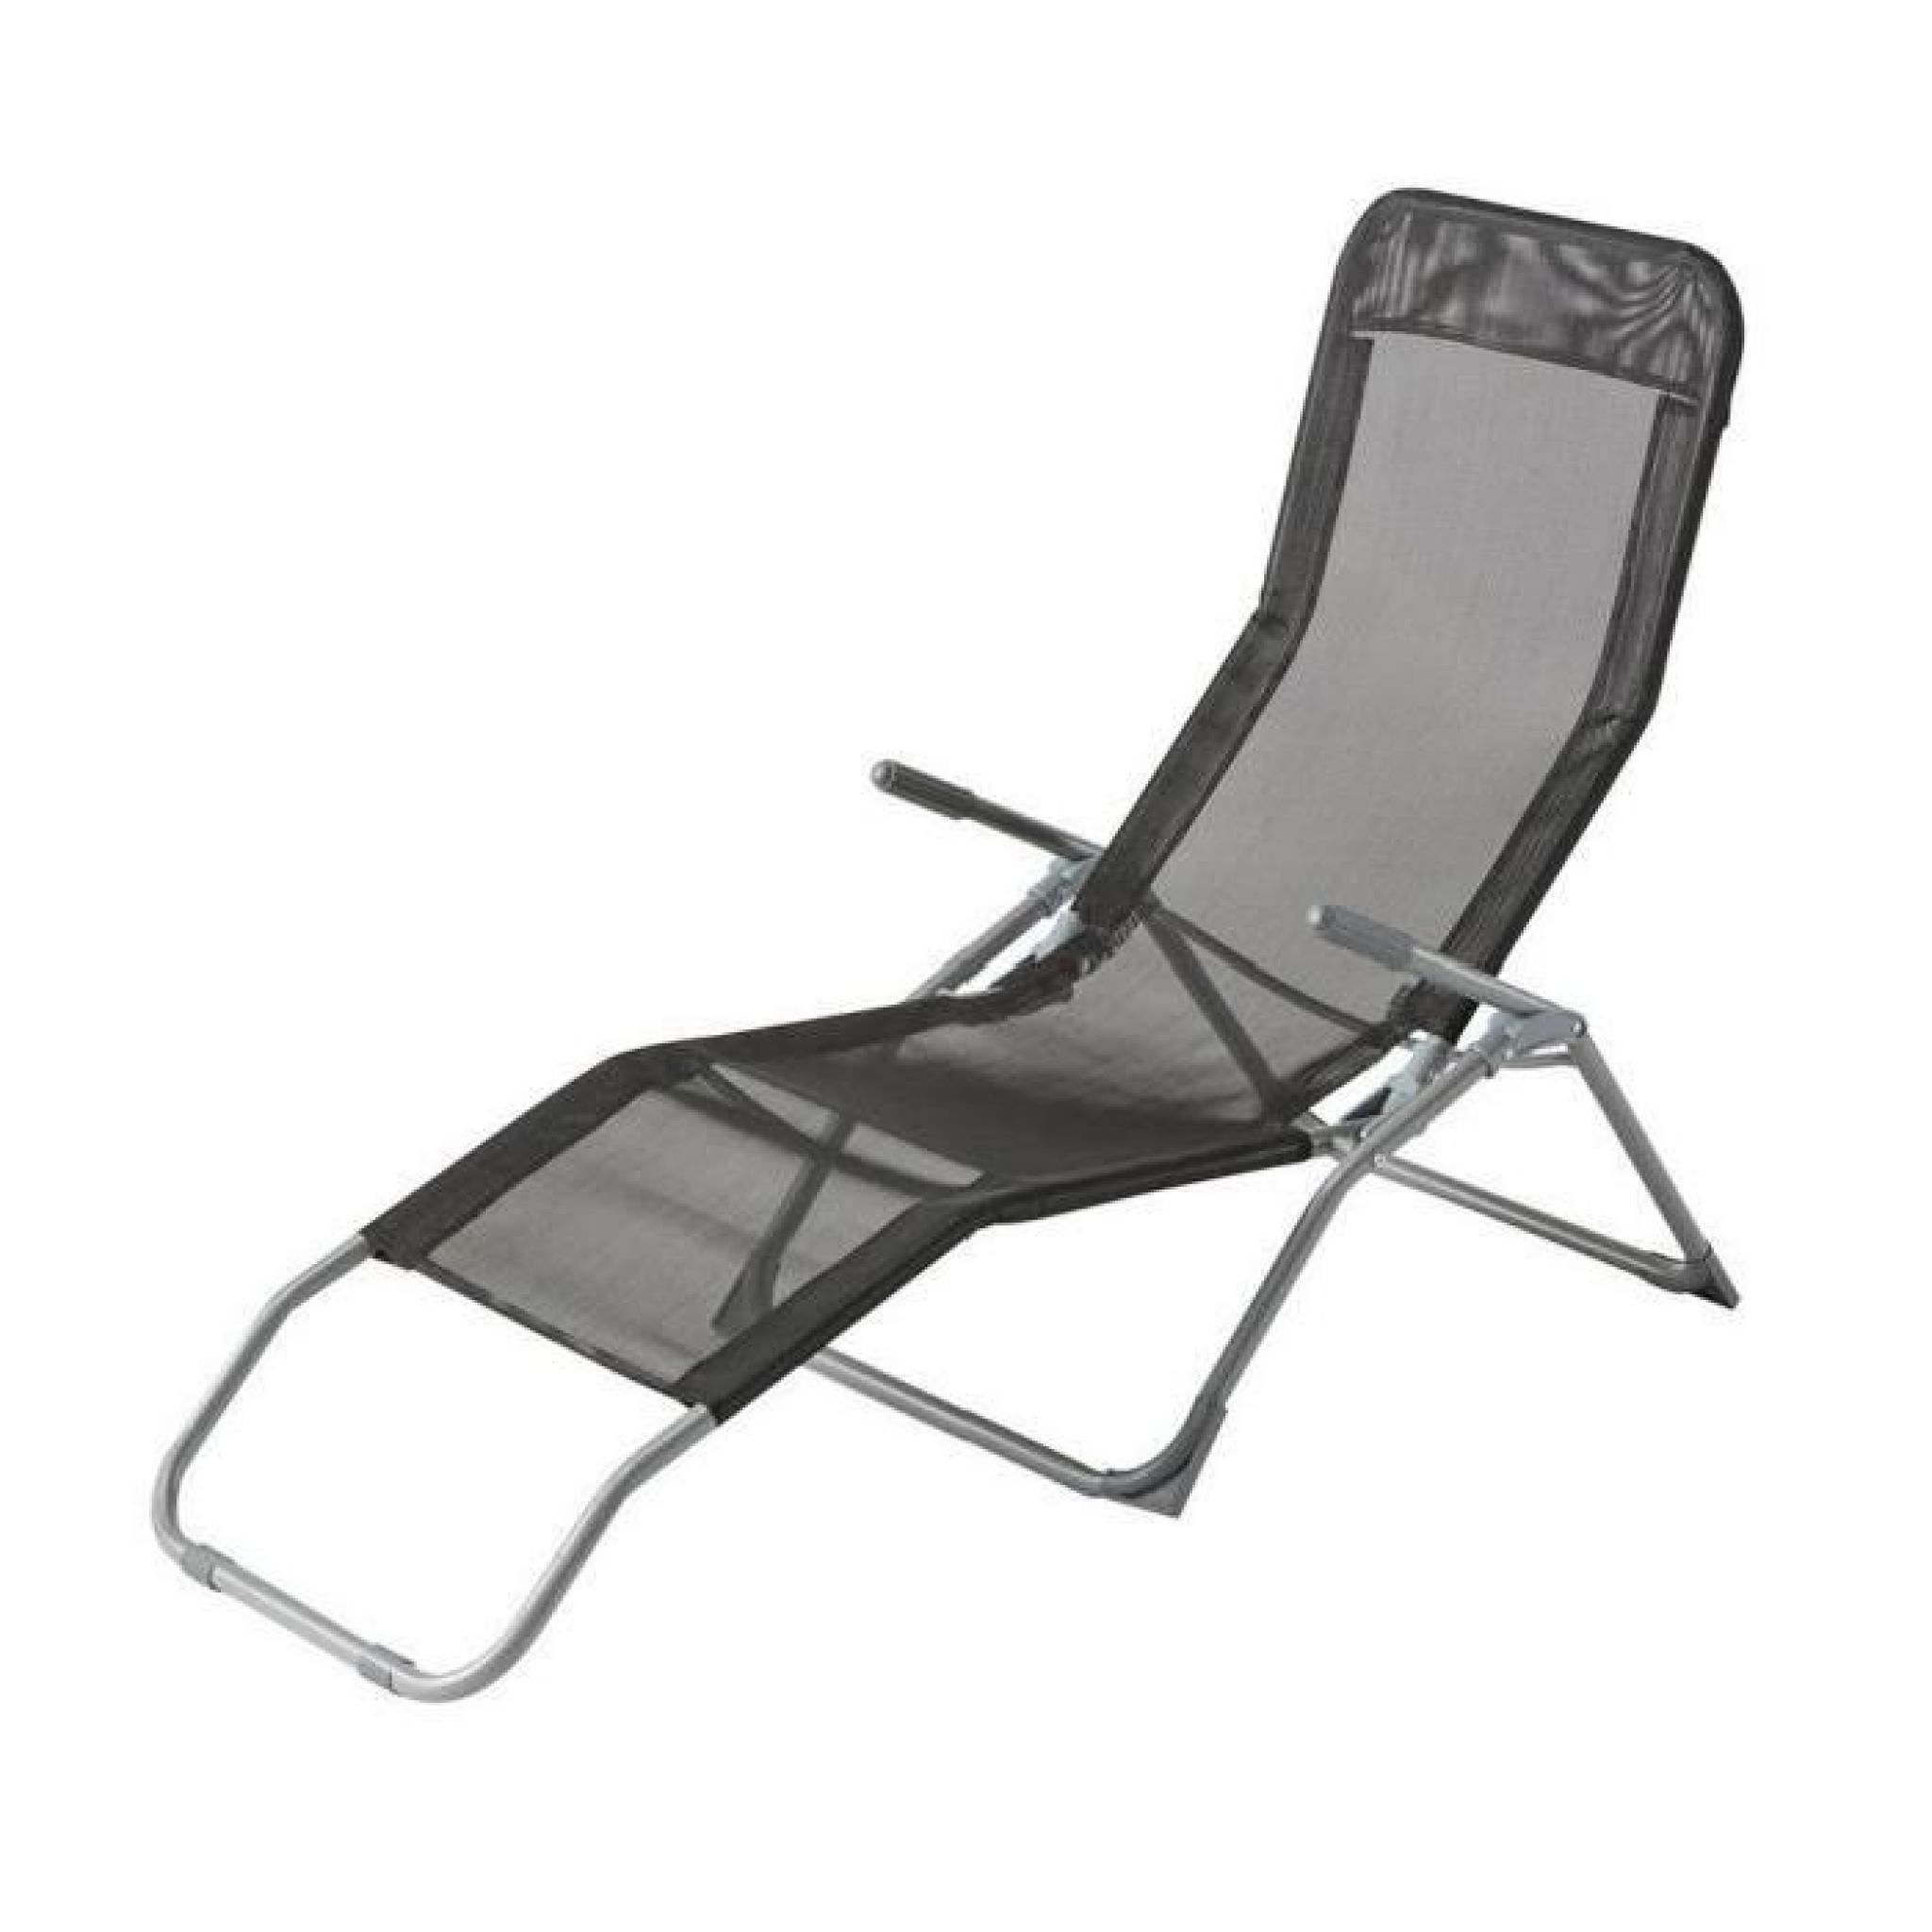 chaise longue pliante pas cher gifi Archives